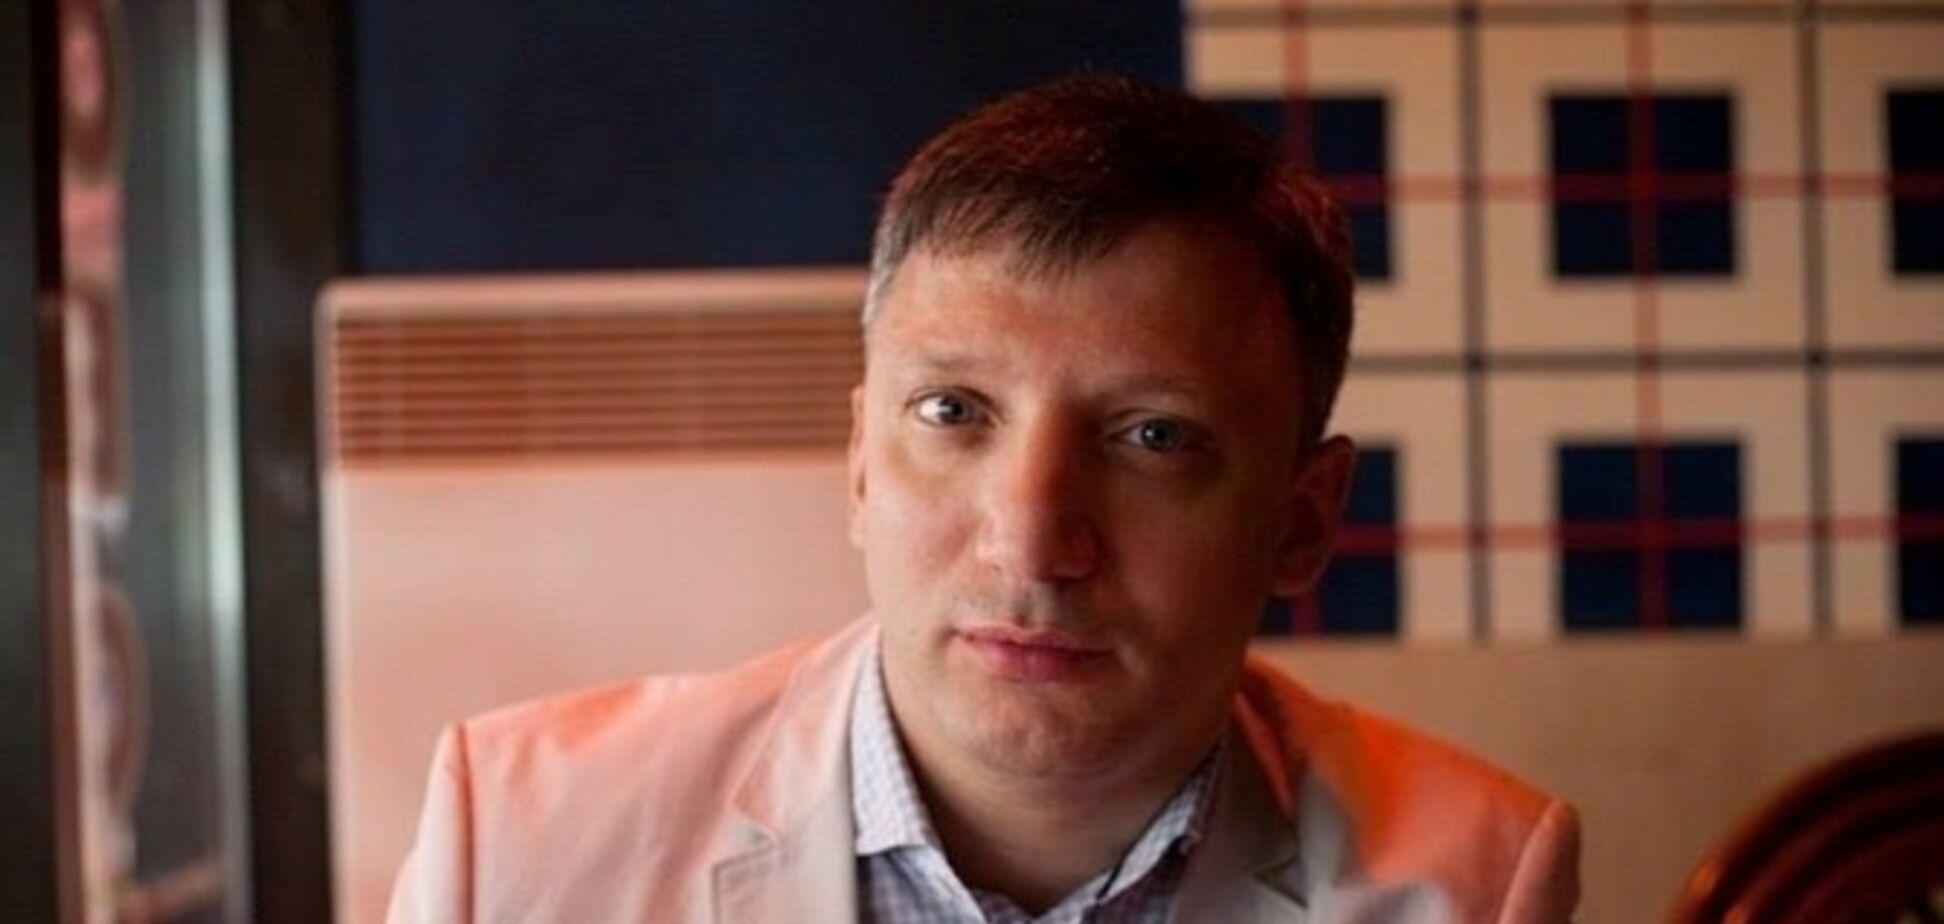 Україна мала б пишатися 'Доктором Пі' – екс-суддя